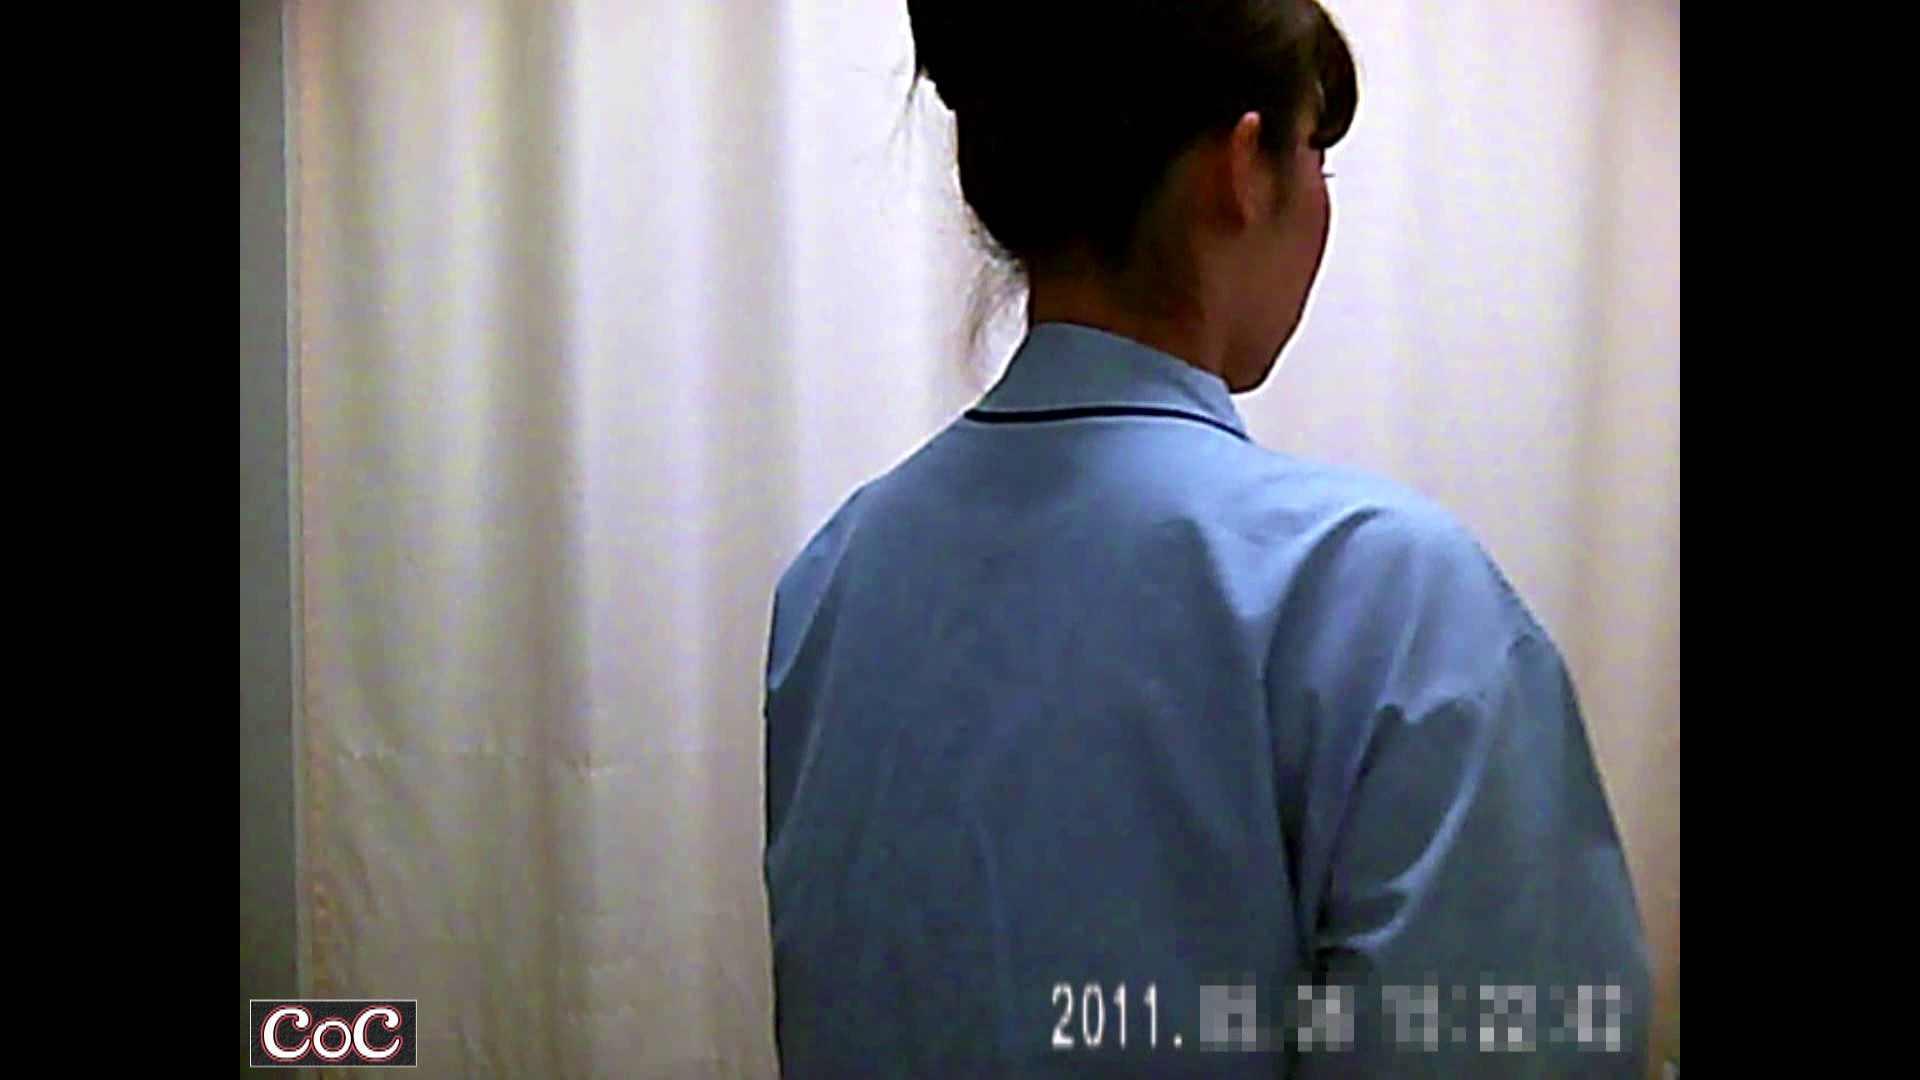 病院おもいっきり着替え! vol.123 盗撮 盗撮動画紹介 67PIX 45